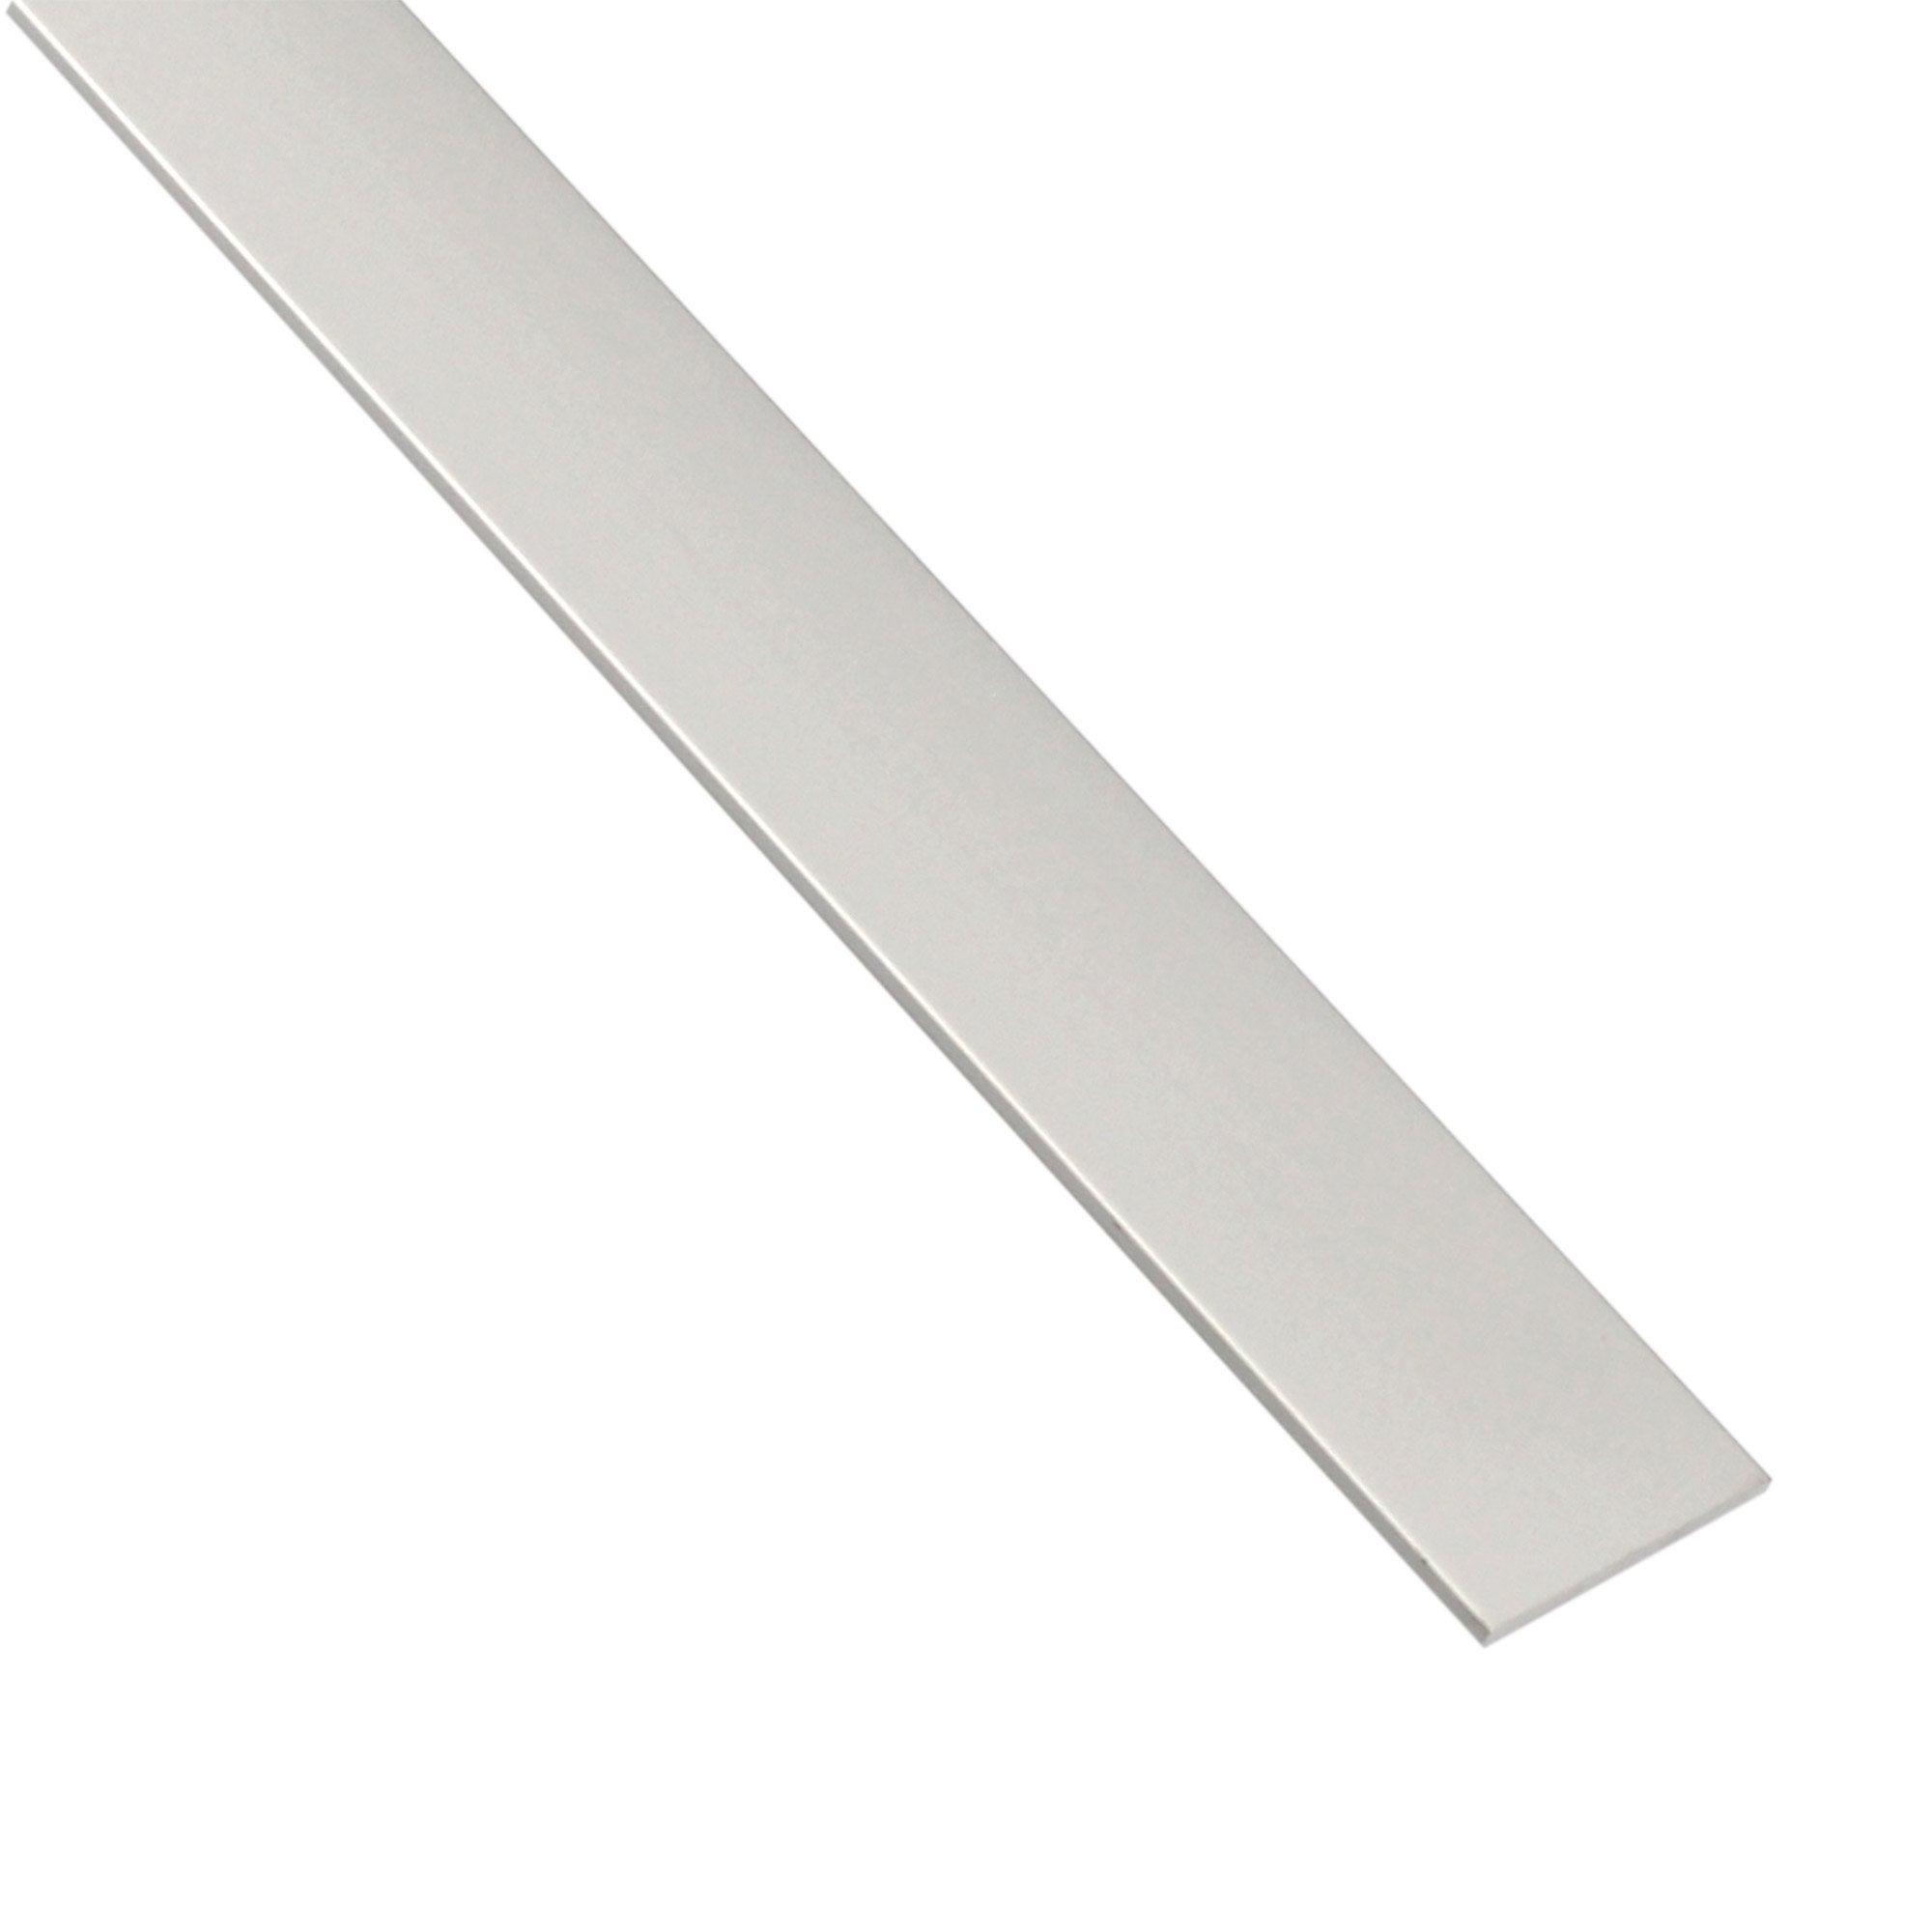 Plat Aluminium Anodisé Argent L26 M X L1 Cm X H02 Cm